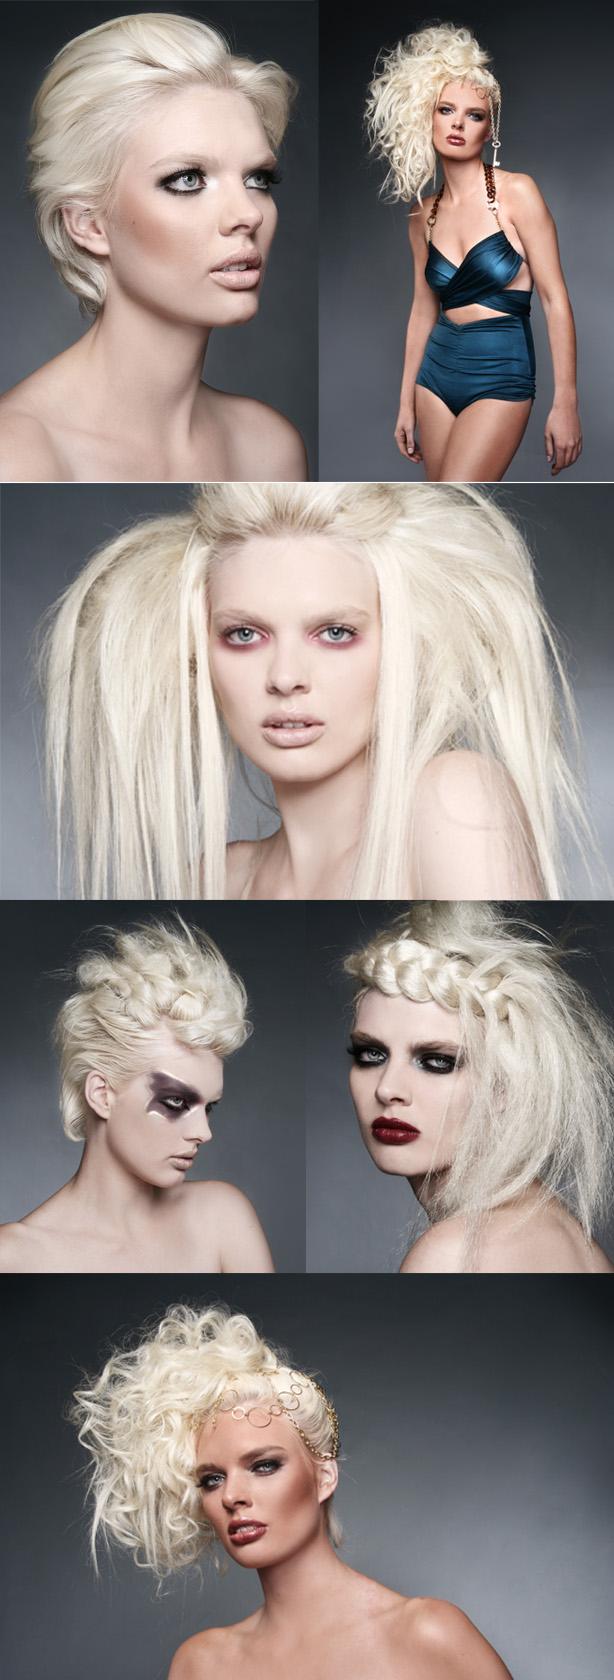 Dec 13, 2008 Zigga Zagga Productions Hair Stylist Maria Bertrand; Make up Miss Jackson Artistry